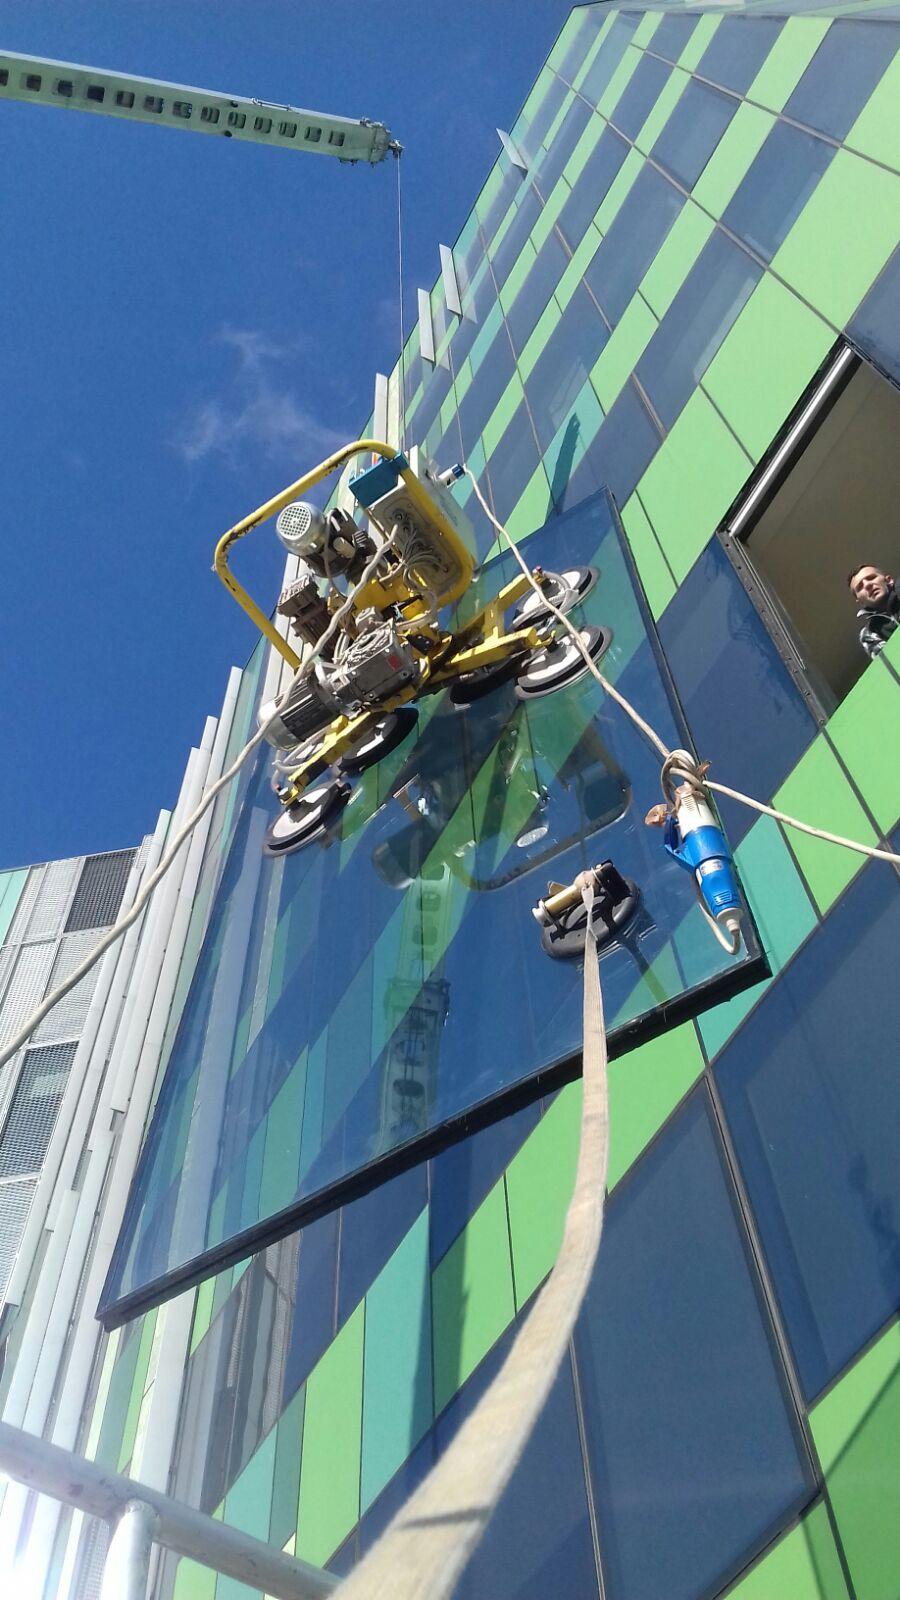 Installazione della vetrata esterna di un palazzo con macchinario a ventose